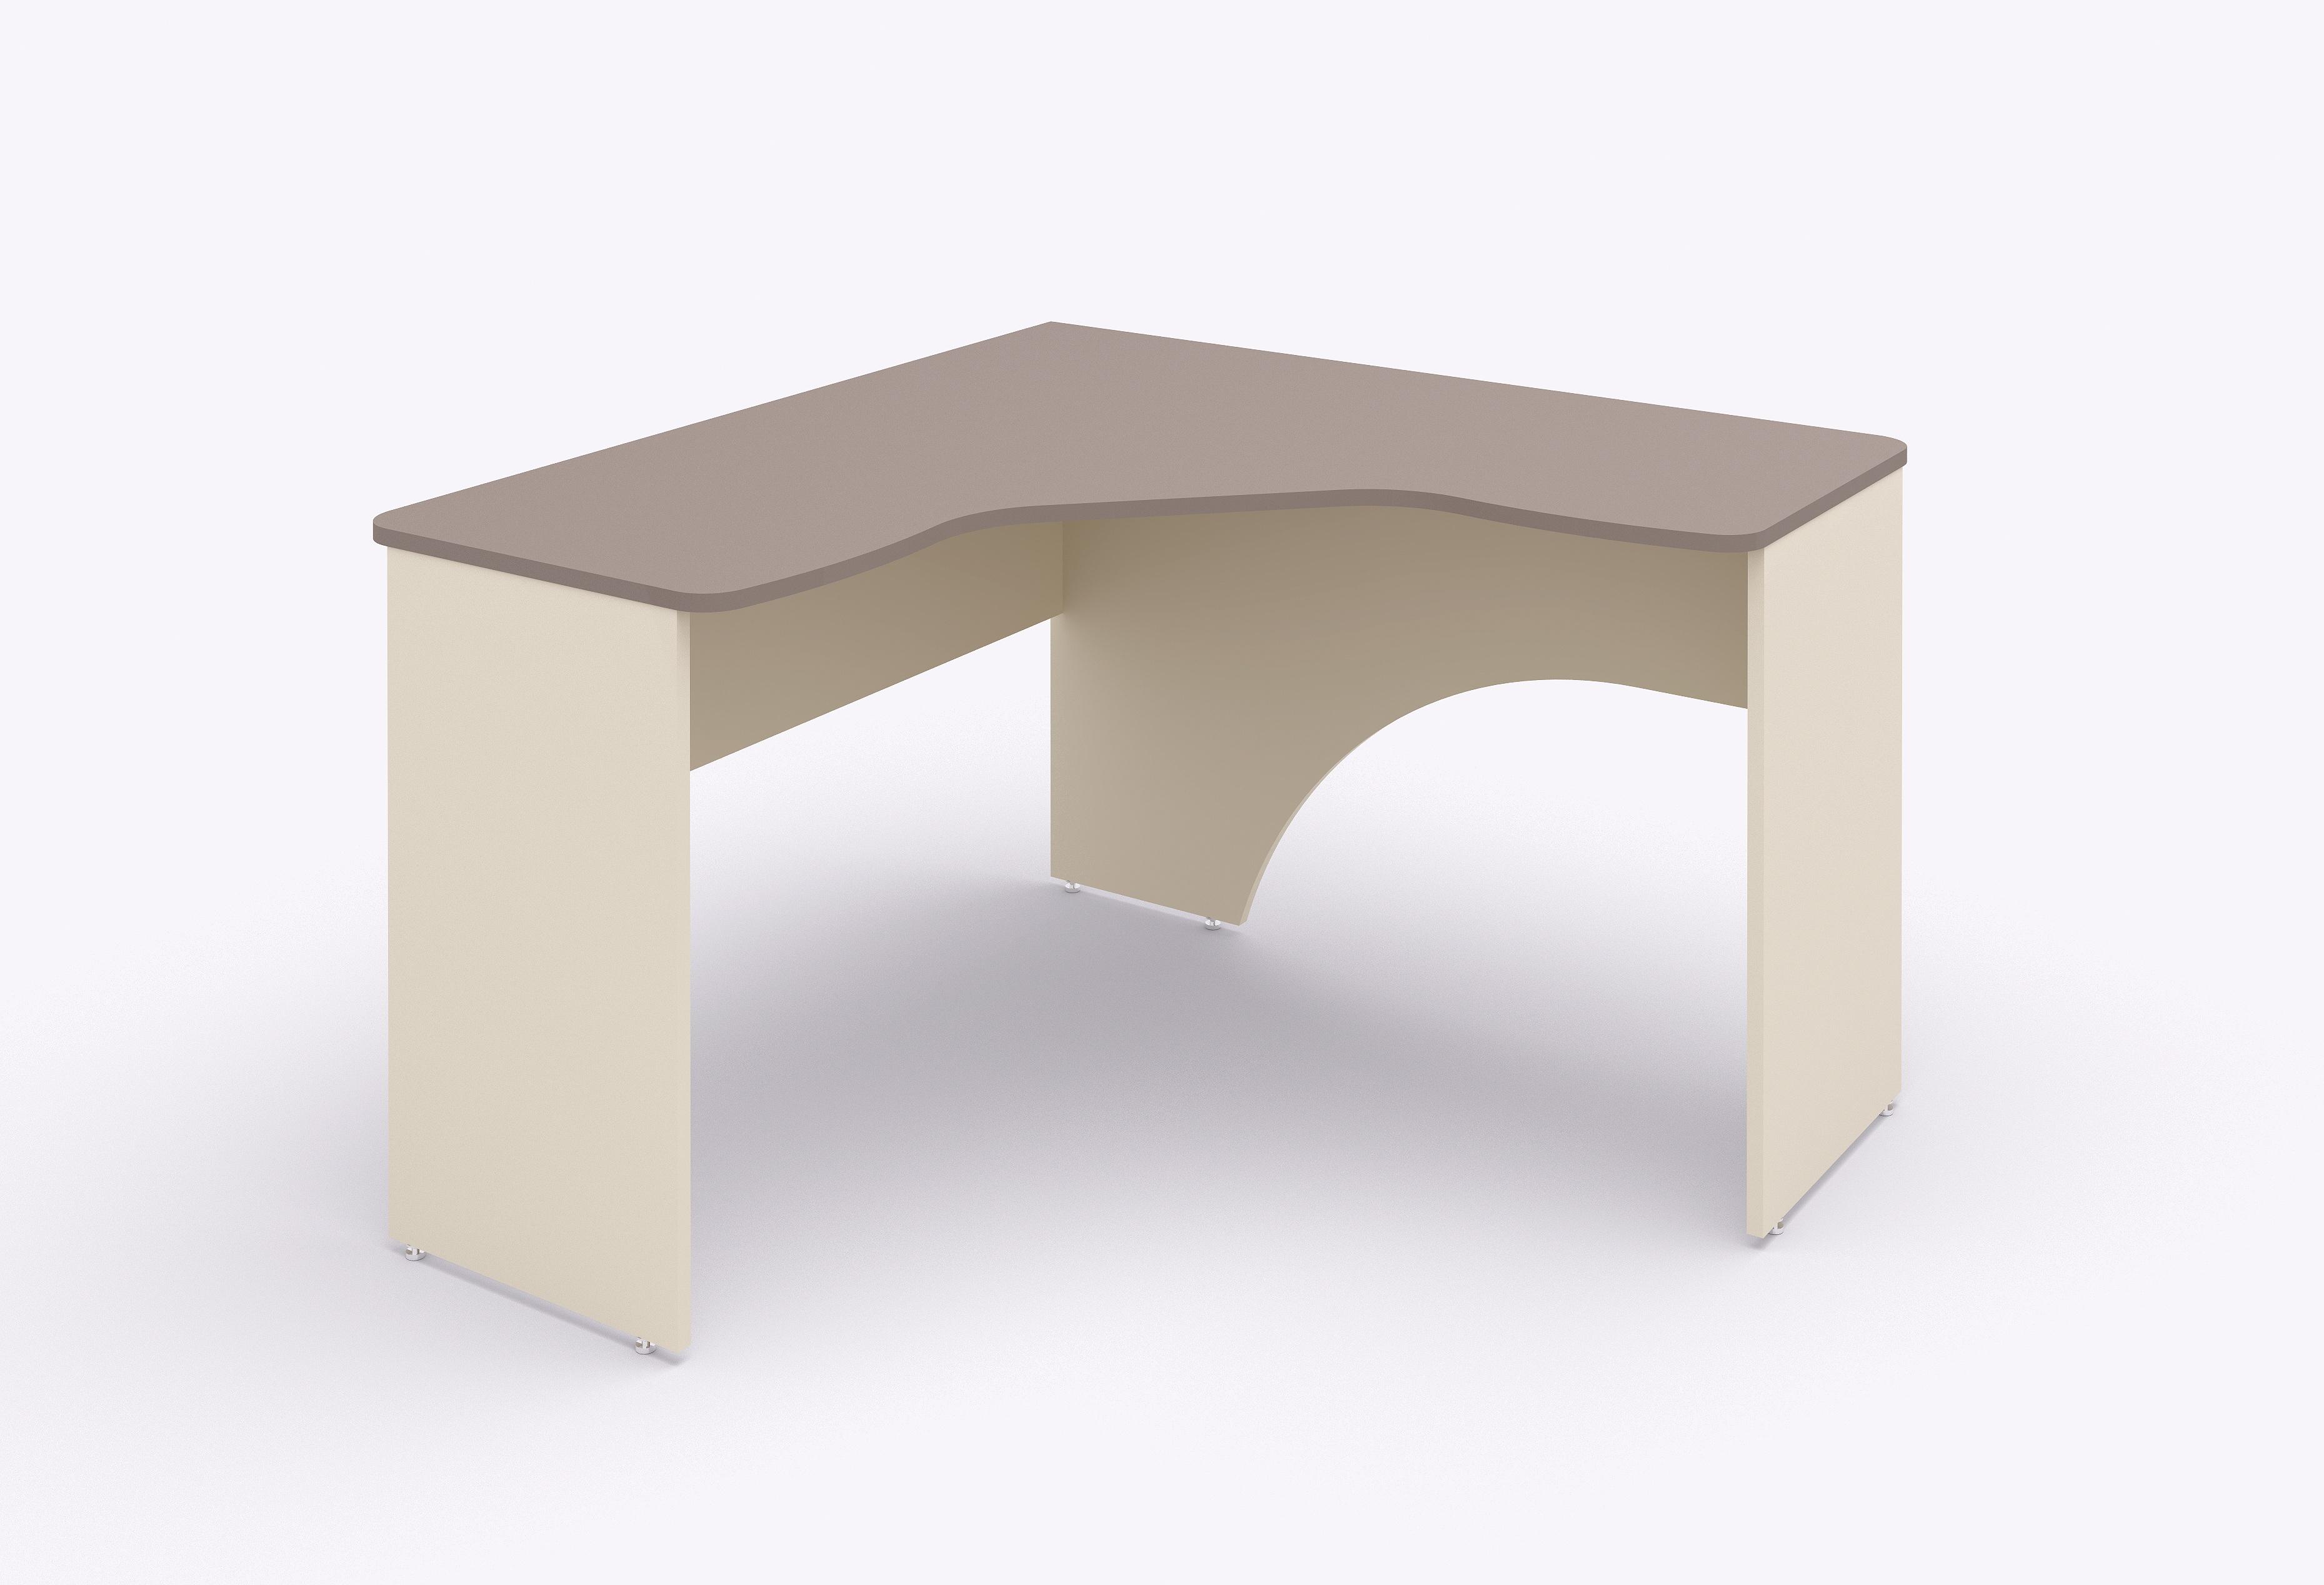 Rohový psací stůl Lenza Siluet